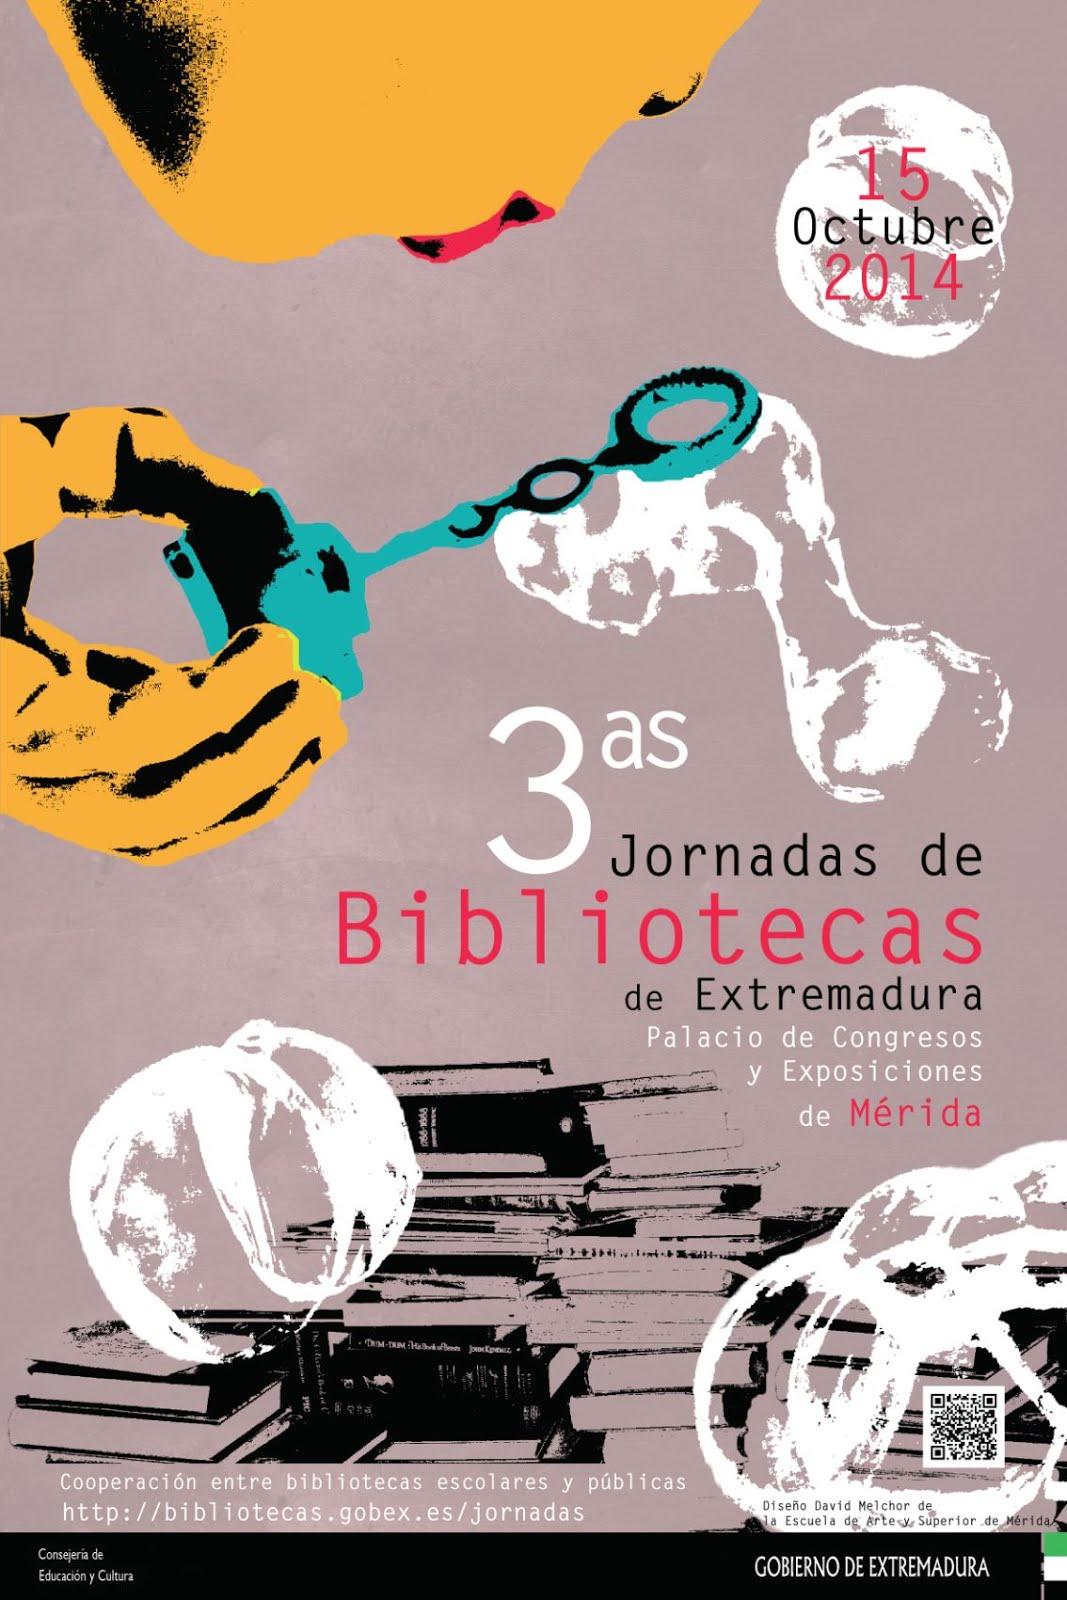 PONENCIA EN LA III JORNADAS DE BIBLIOTECA DE EXTREMADURA